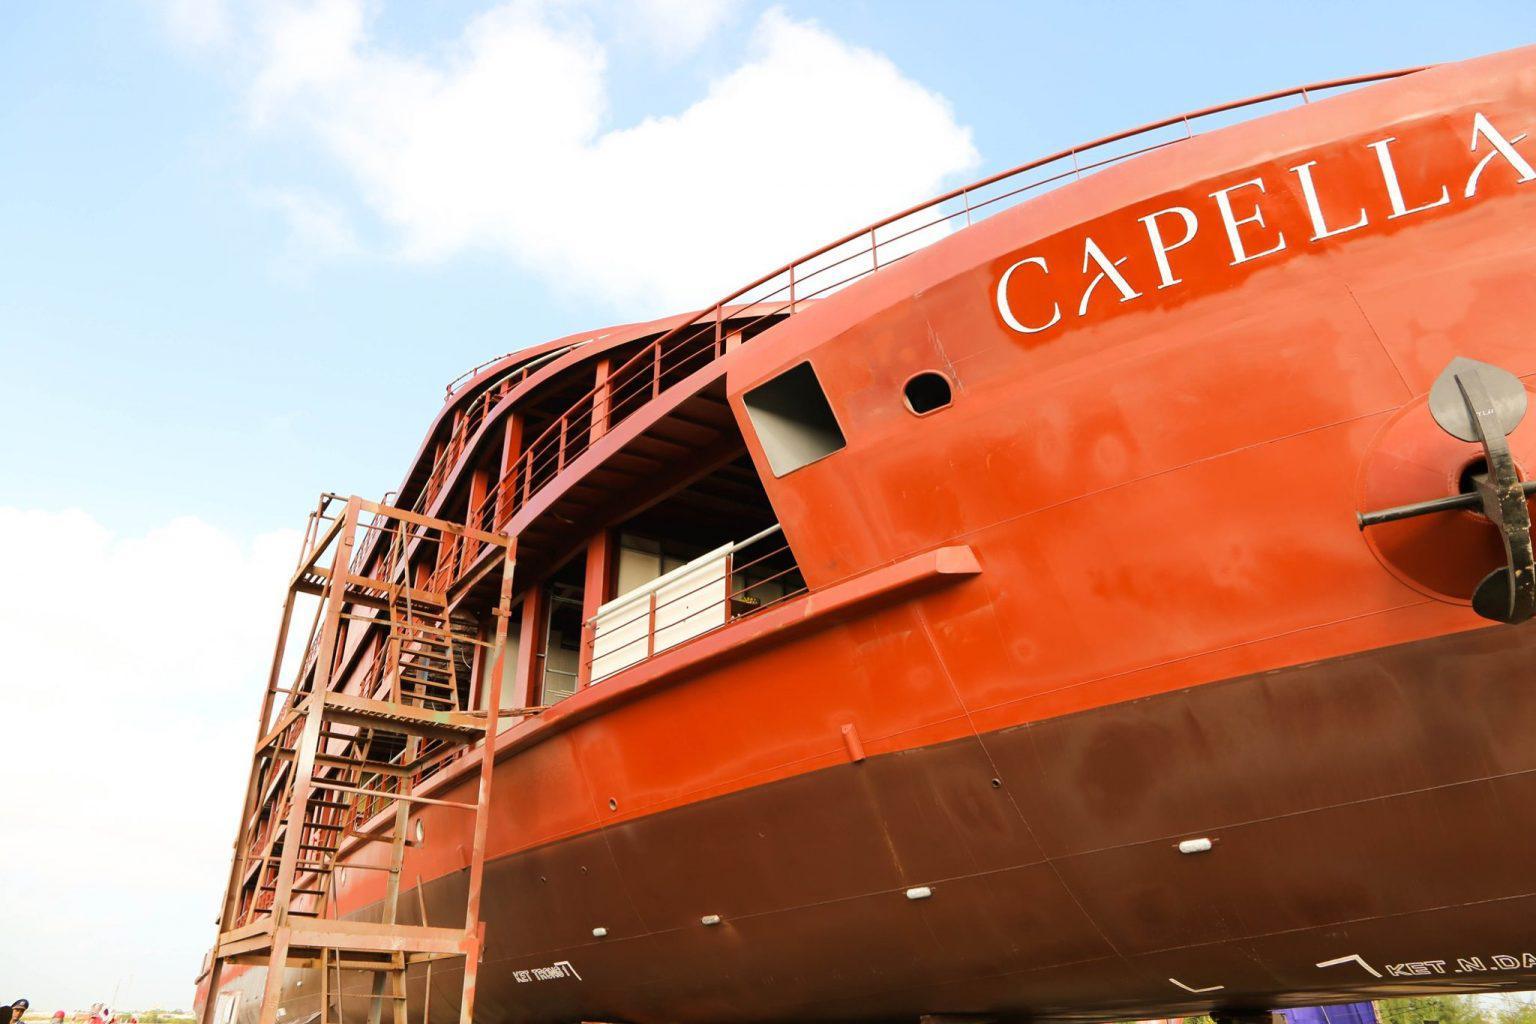 Du thuyền 5 sao Capella chính thức nhận khách vào tháng 03/2020